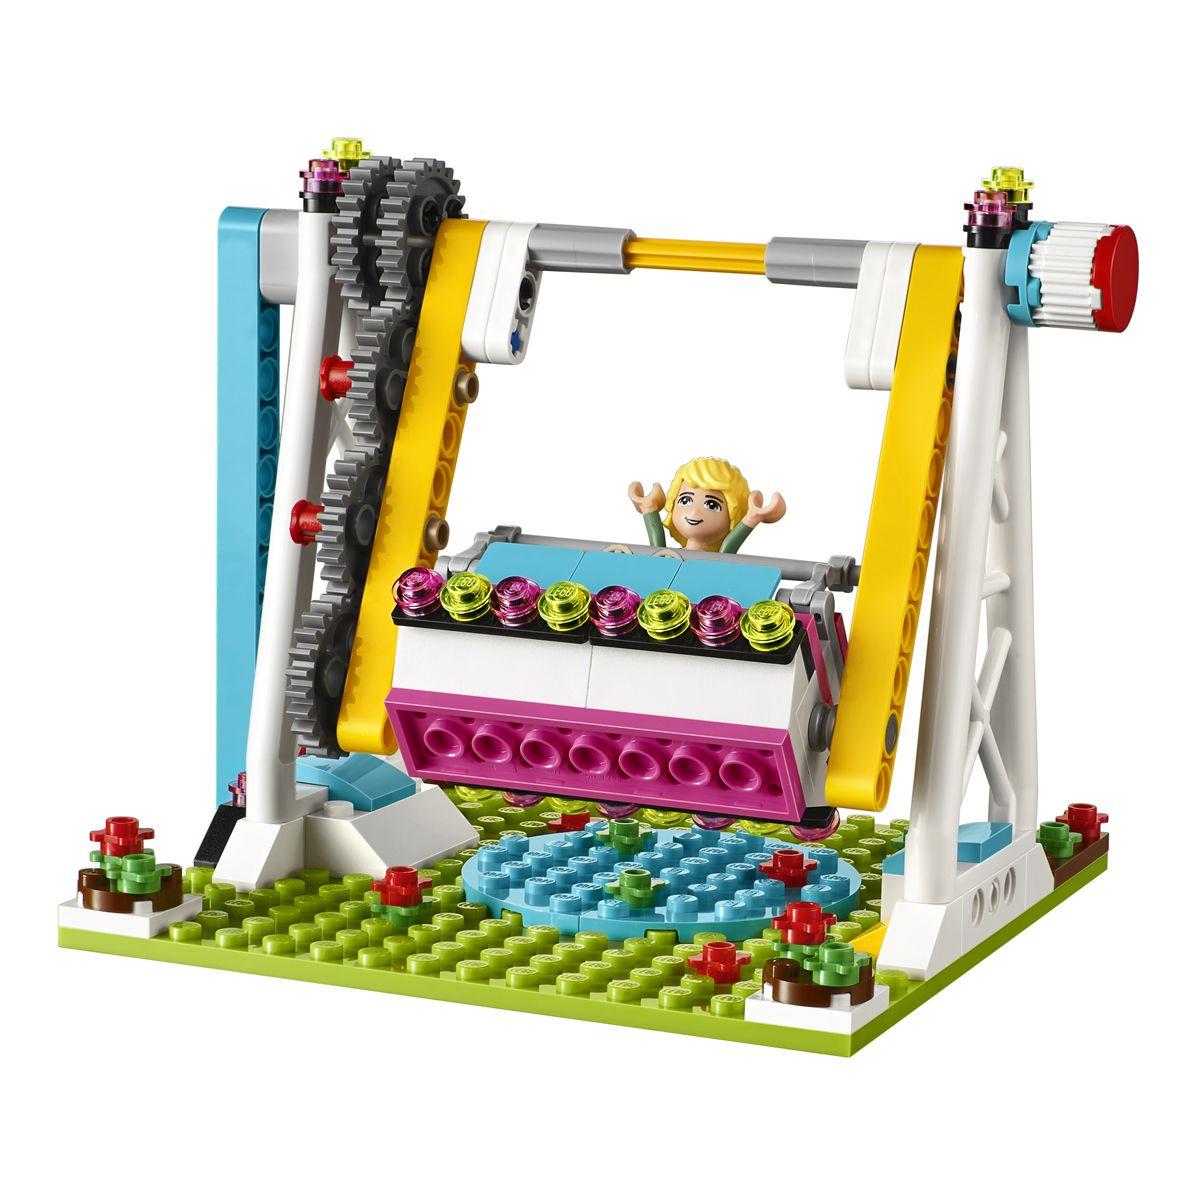 Auto D'attraction 41133 Du Les Tamponneuses Lego Parc Friends EDWH92I